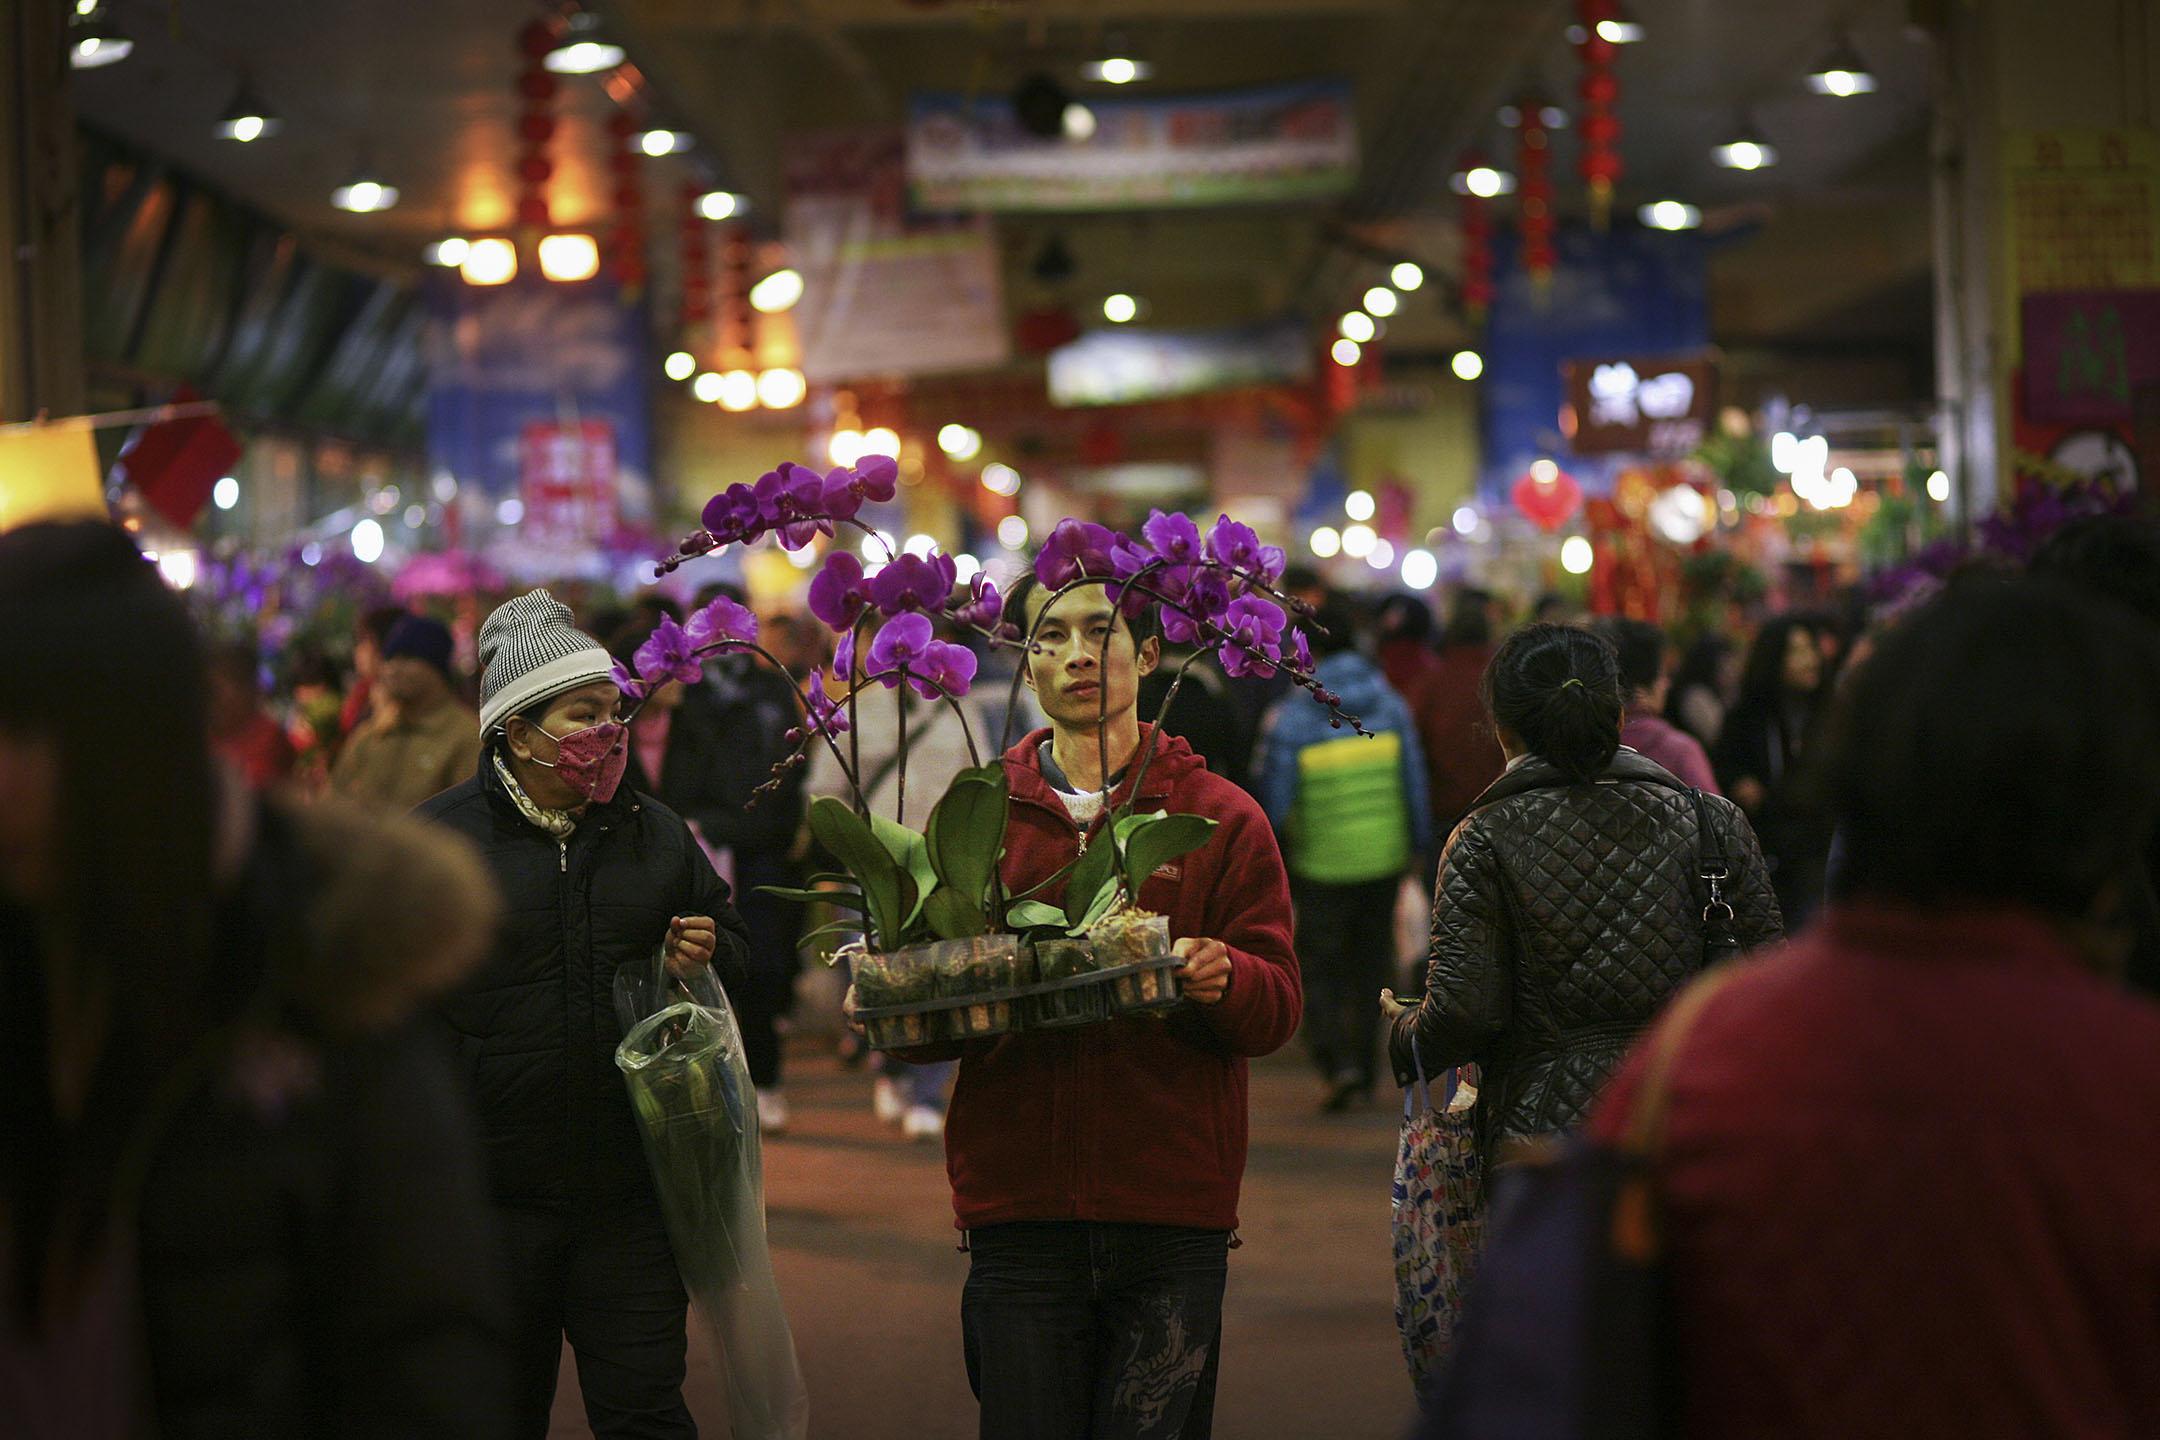 2011年1月31日台北,一個男人拿著蘭花在台北的花市上。